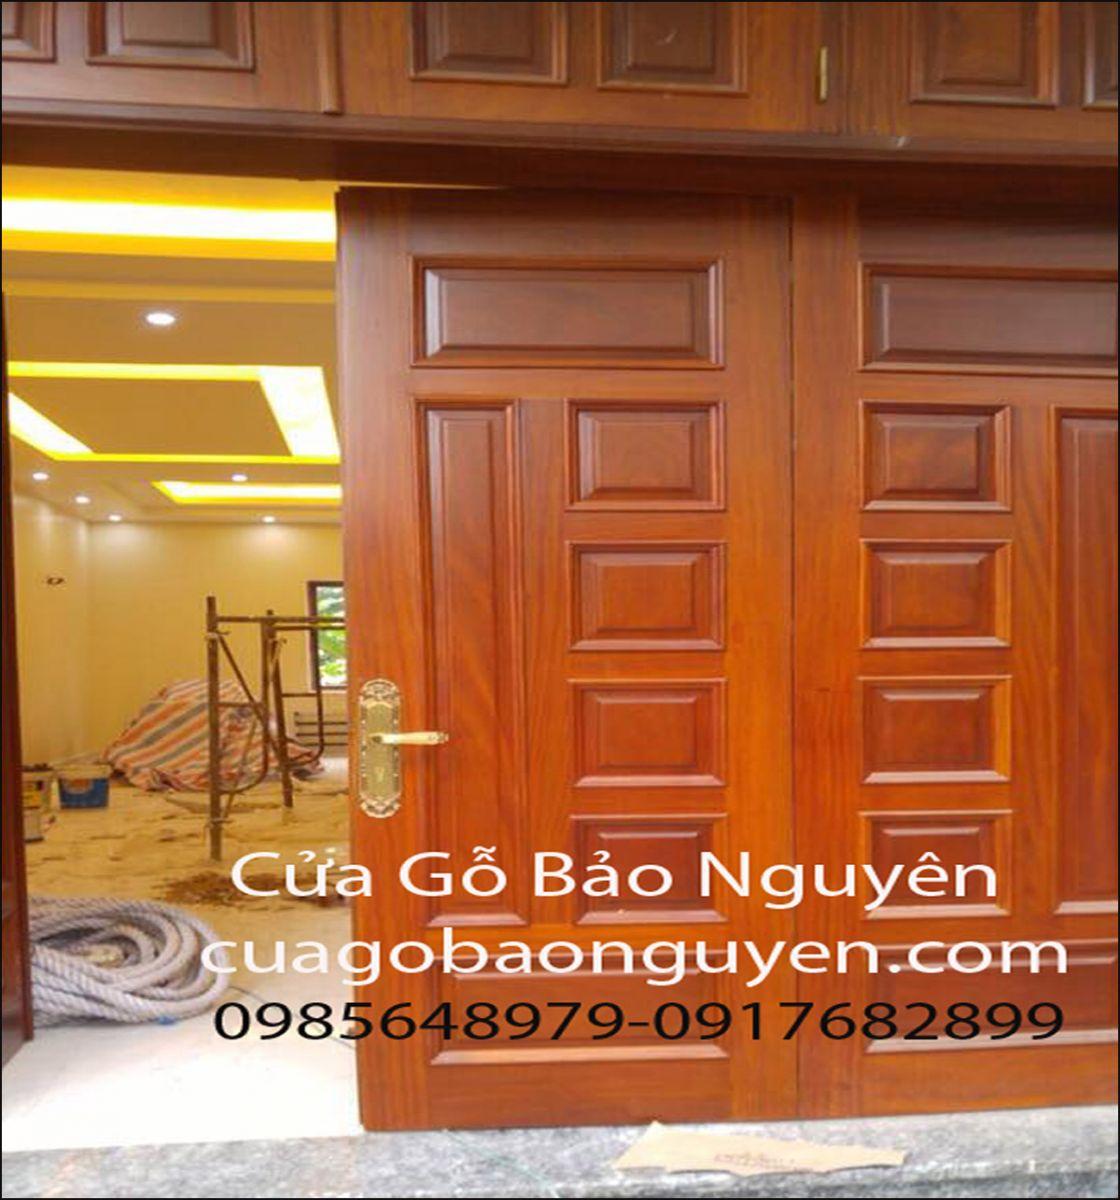 cửa đi mặt tiền 4 cánh 7 lá nẹp đắp mặt tiền gỗ lim M10